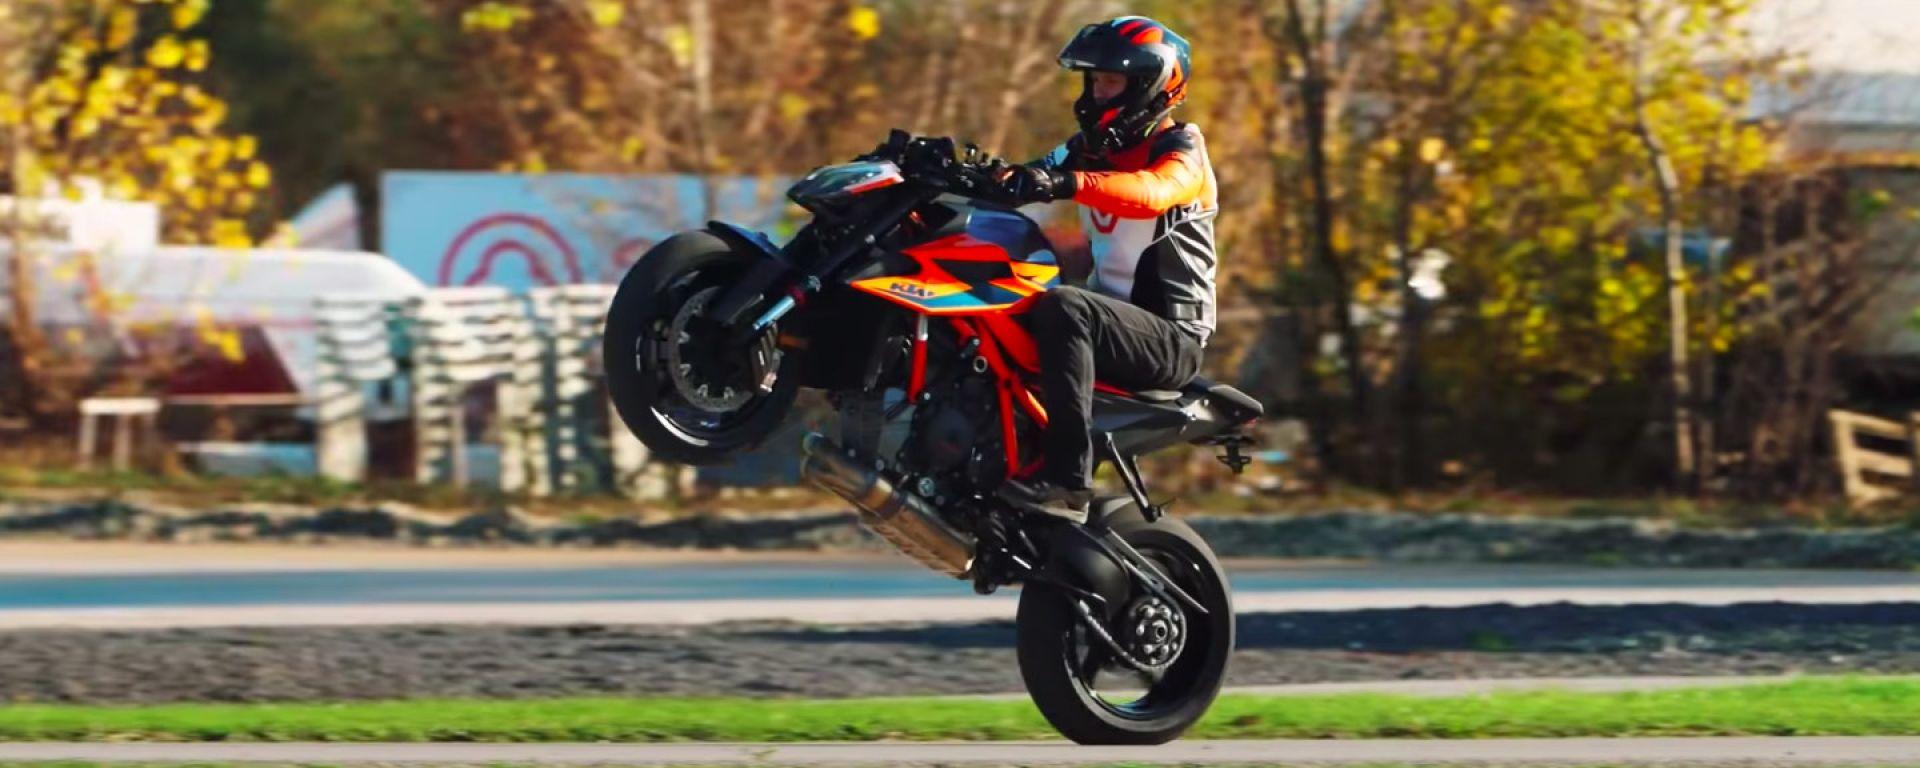 Rok Bagoros impenna con la KTM 1290 Super Duke R